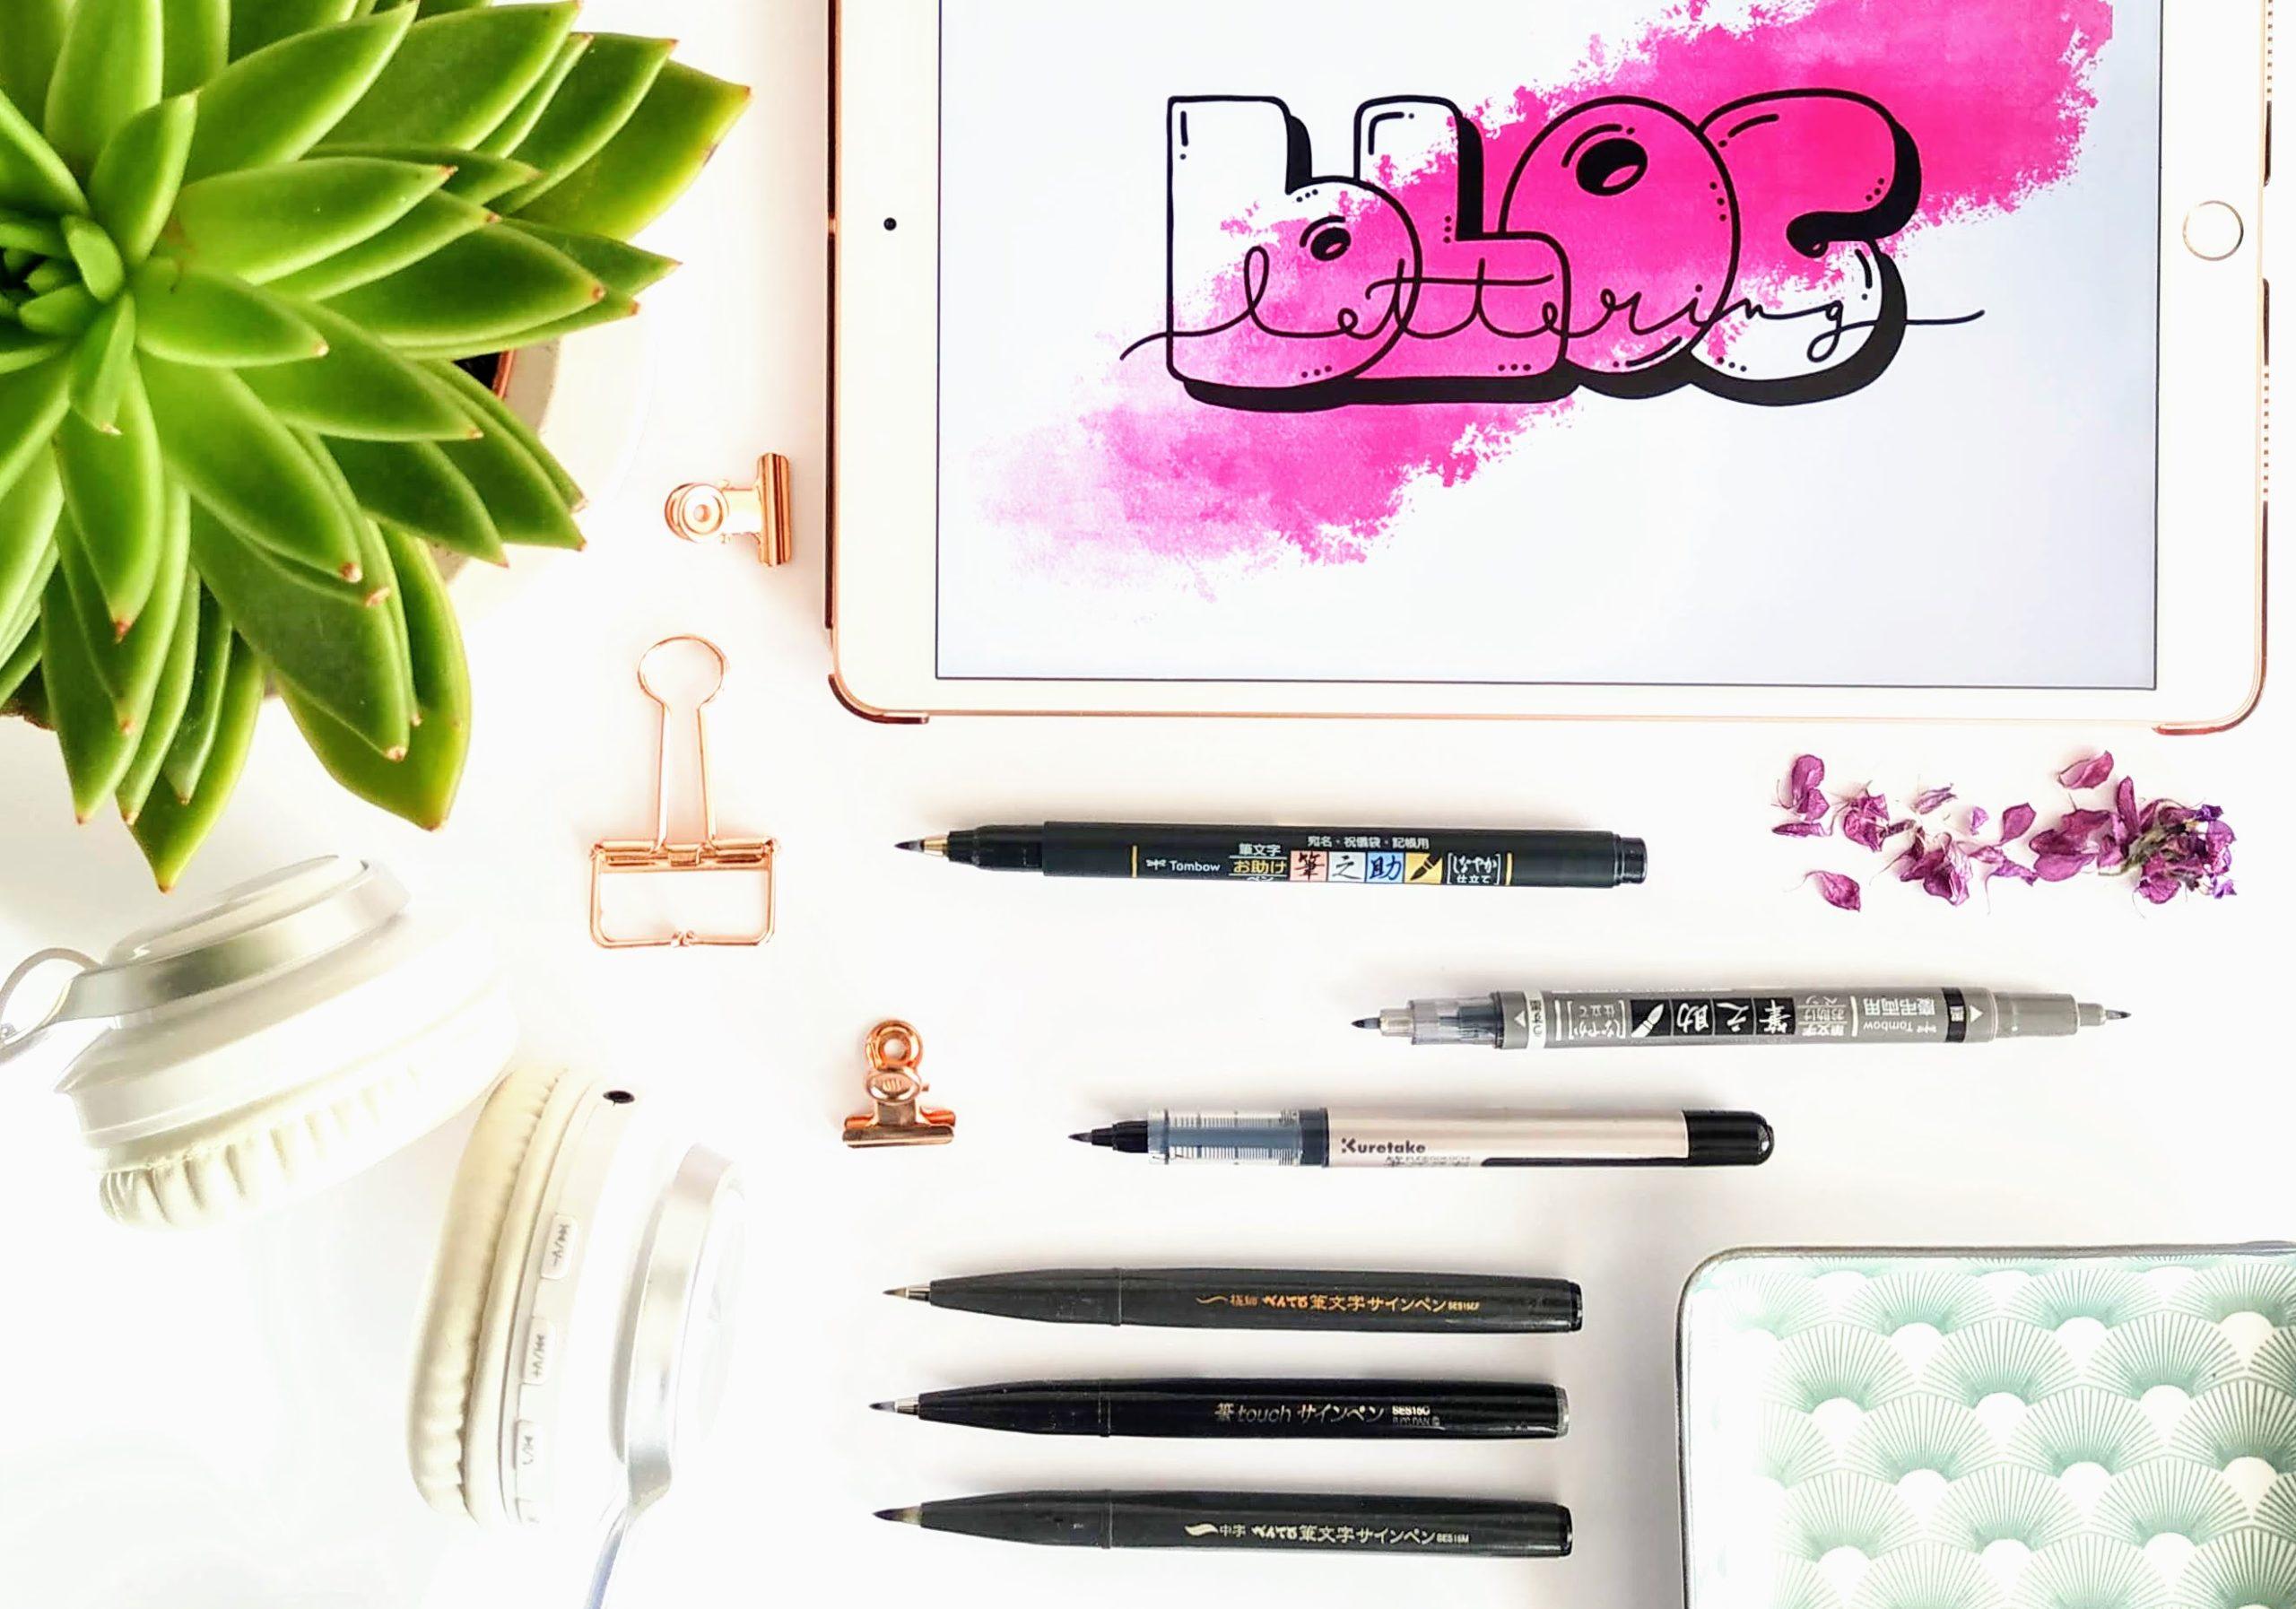 verschiedene brush pens - empfehlung für brushlettering